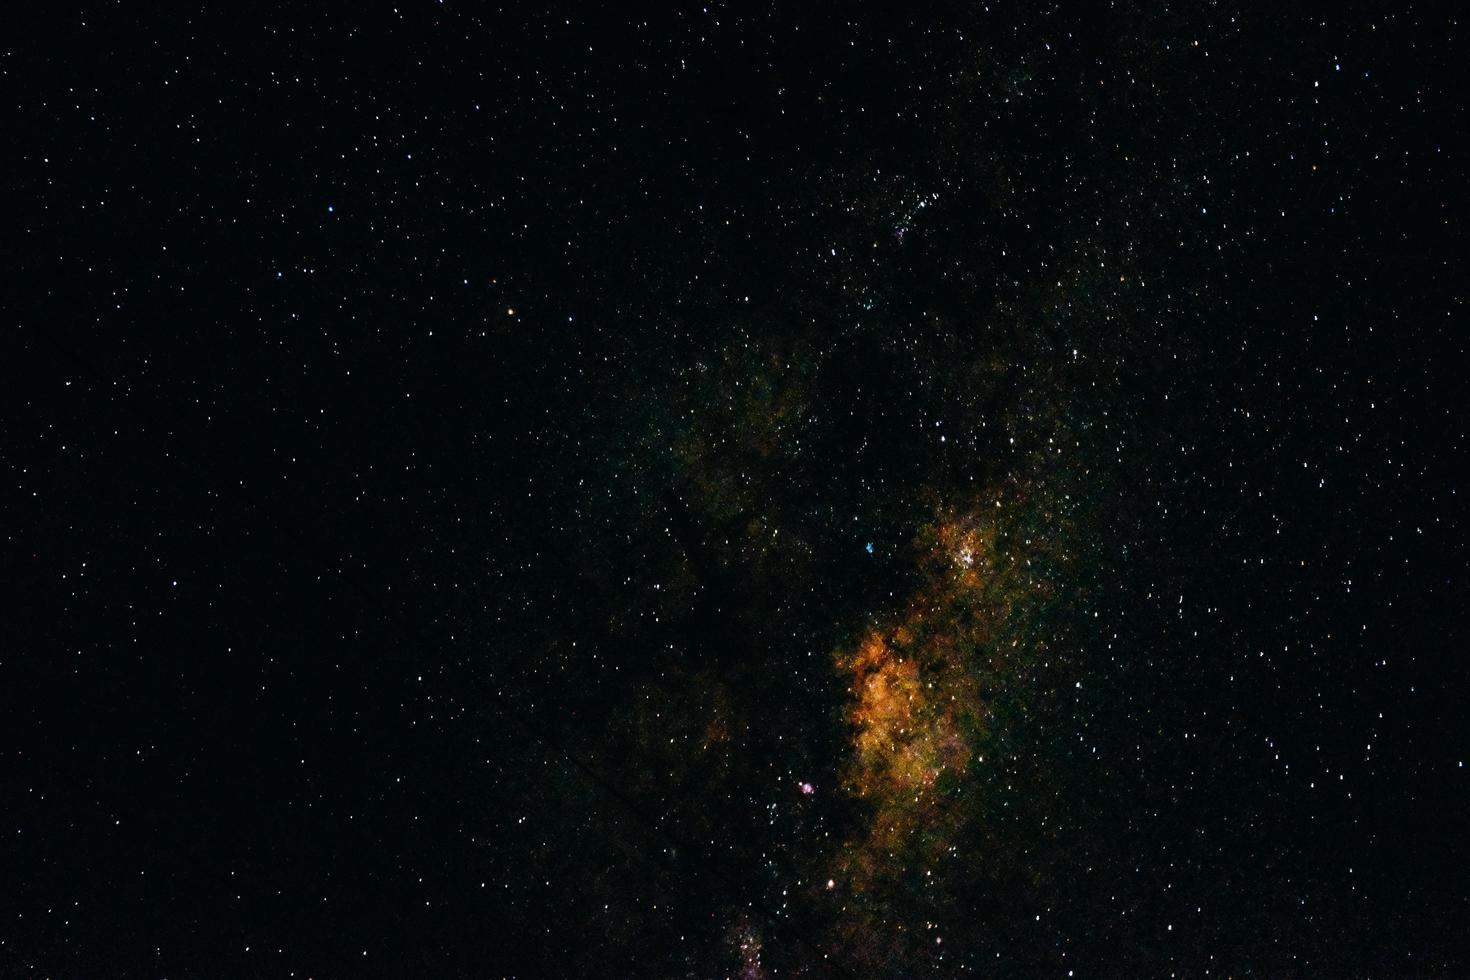 nachtelijke hemel met sterren en galaxy foto